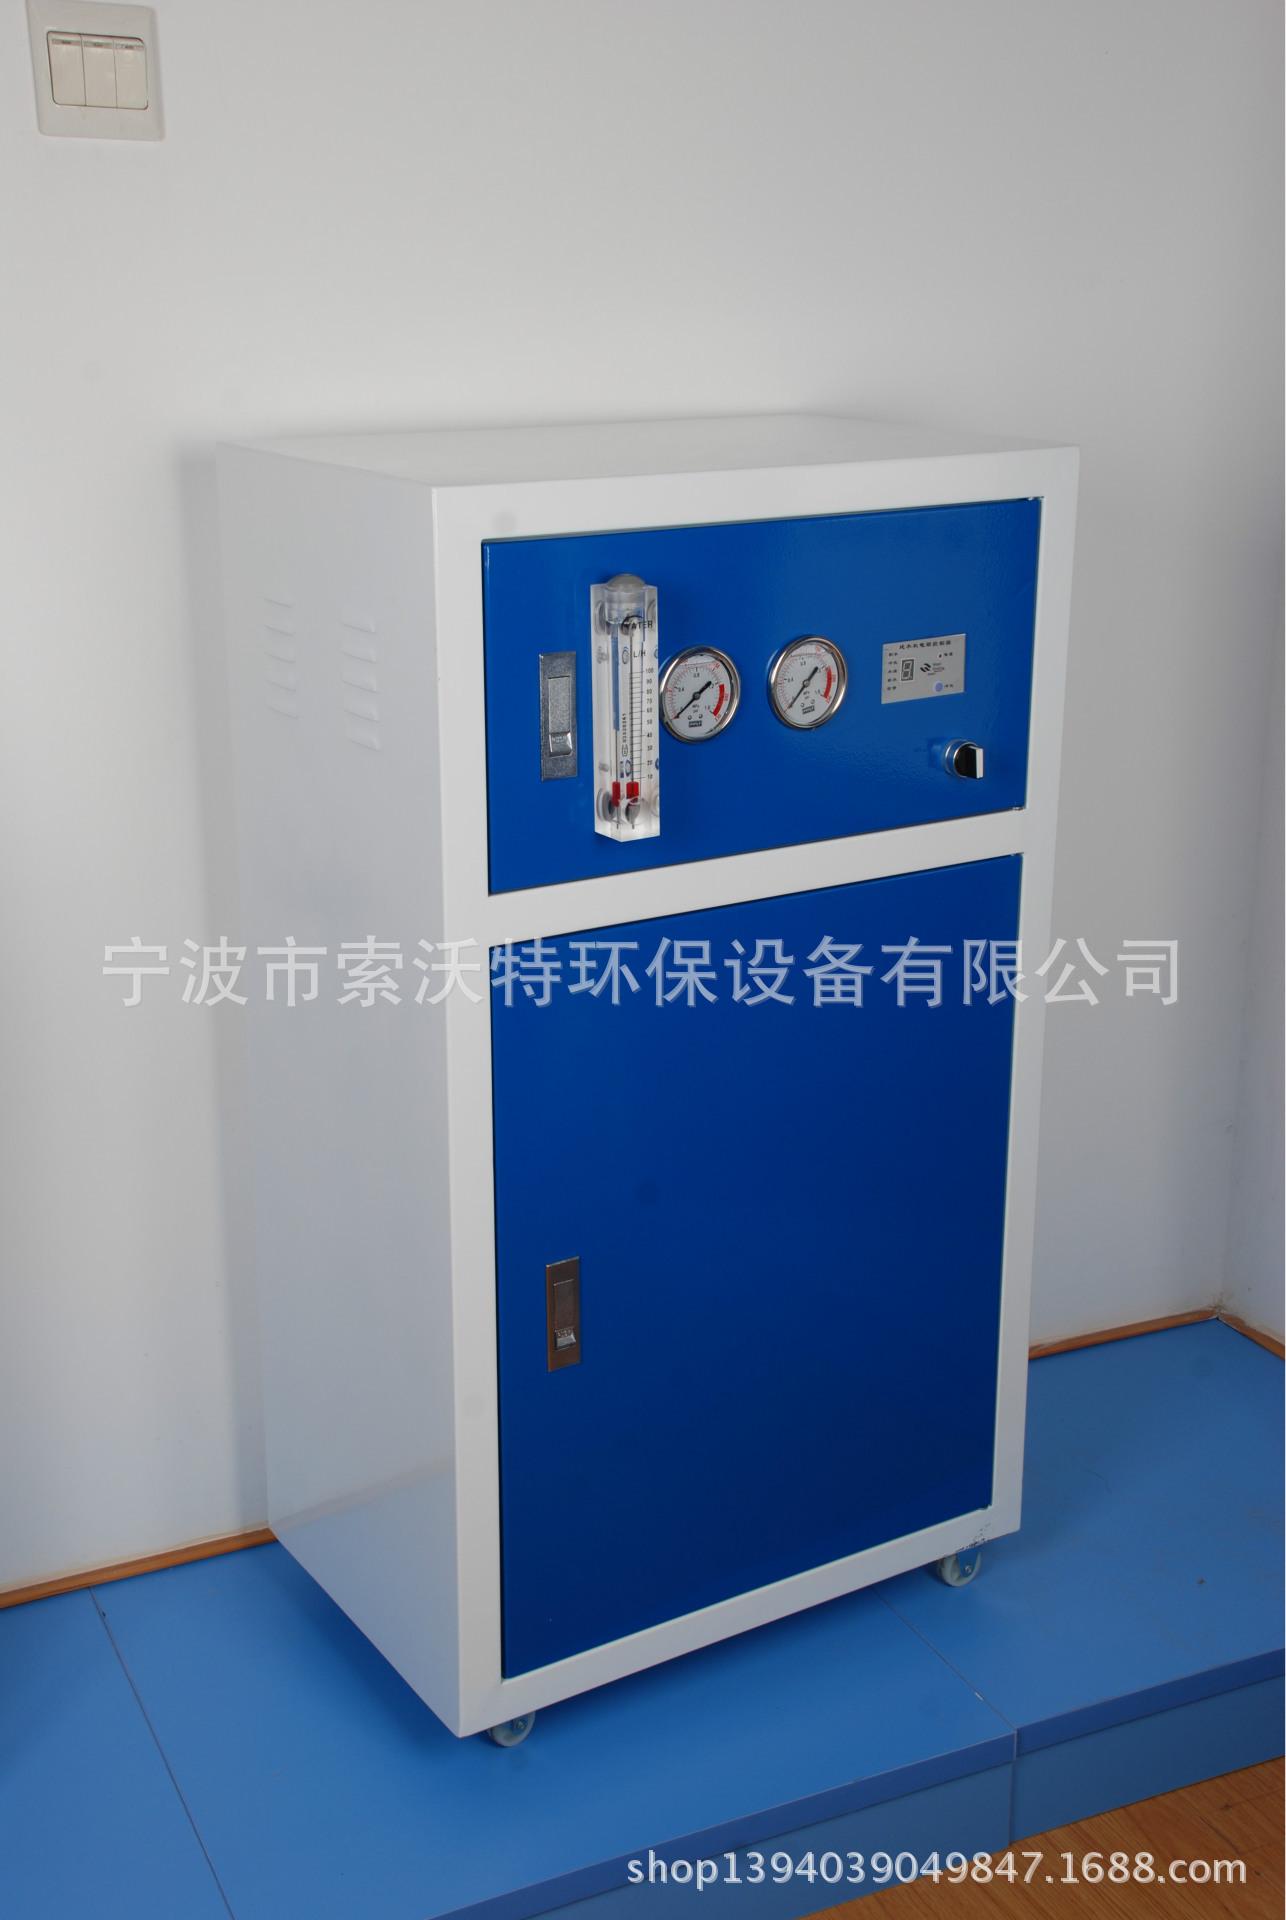 100G豪华型商务纯水机|商务直饮机 反渗透RO机 净水器厂家